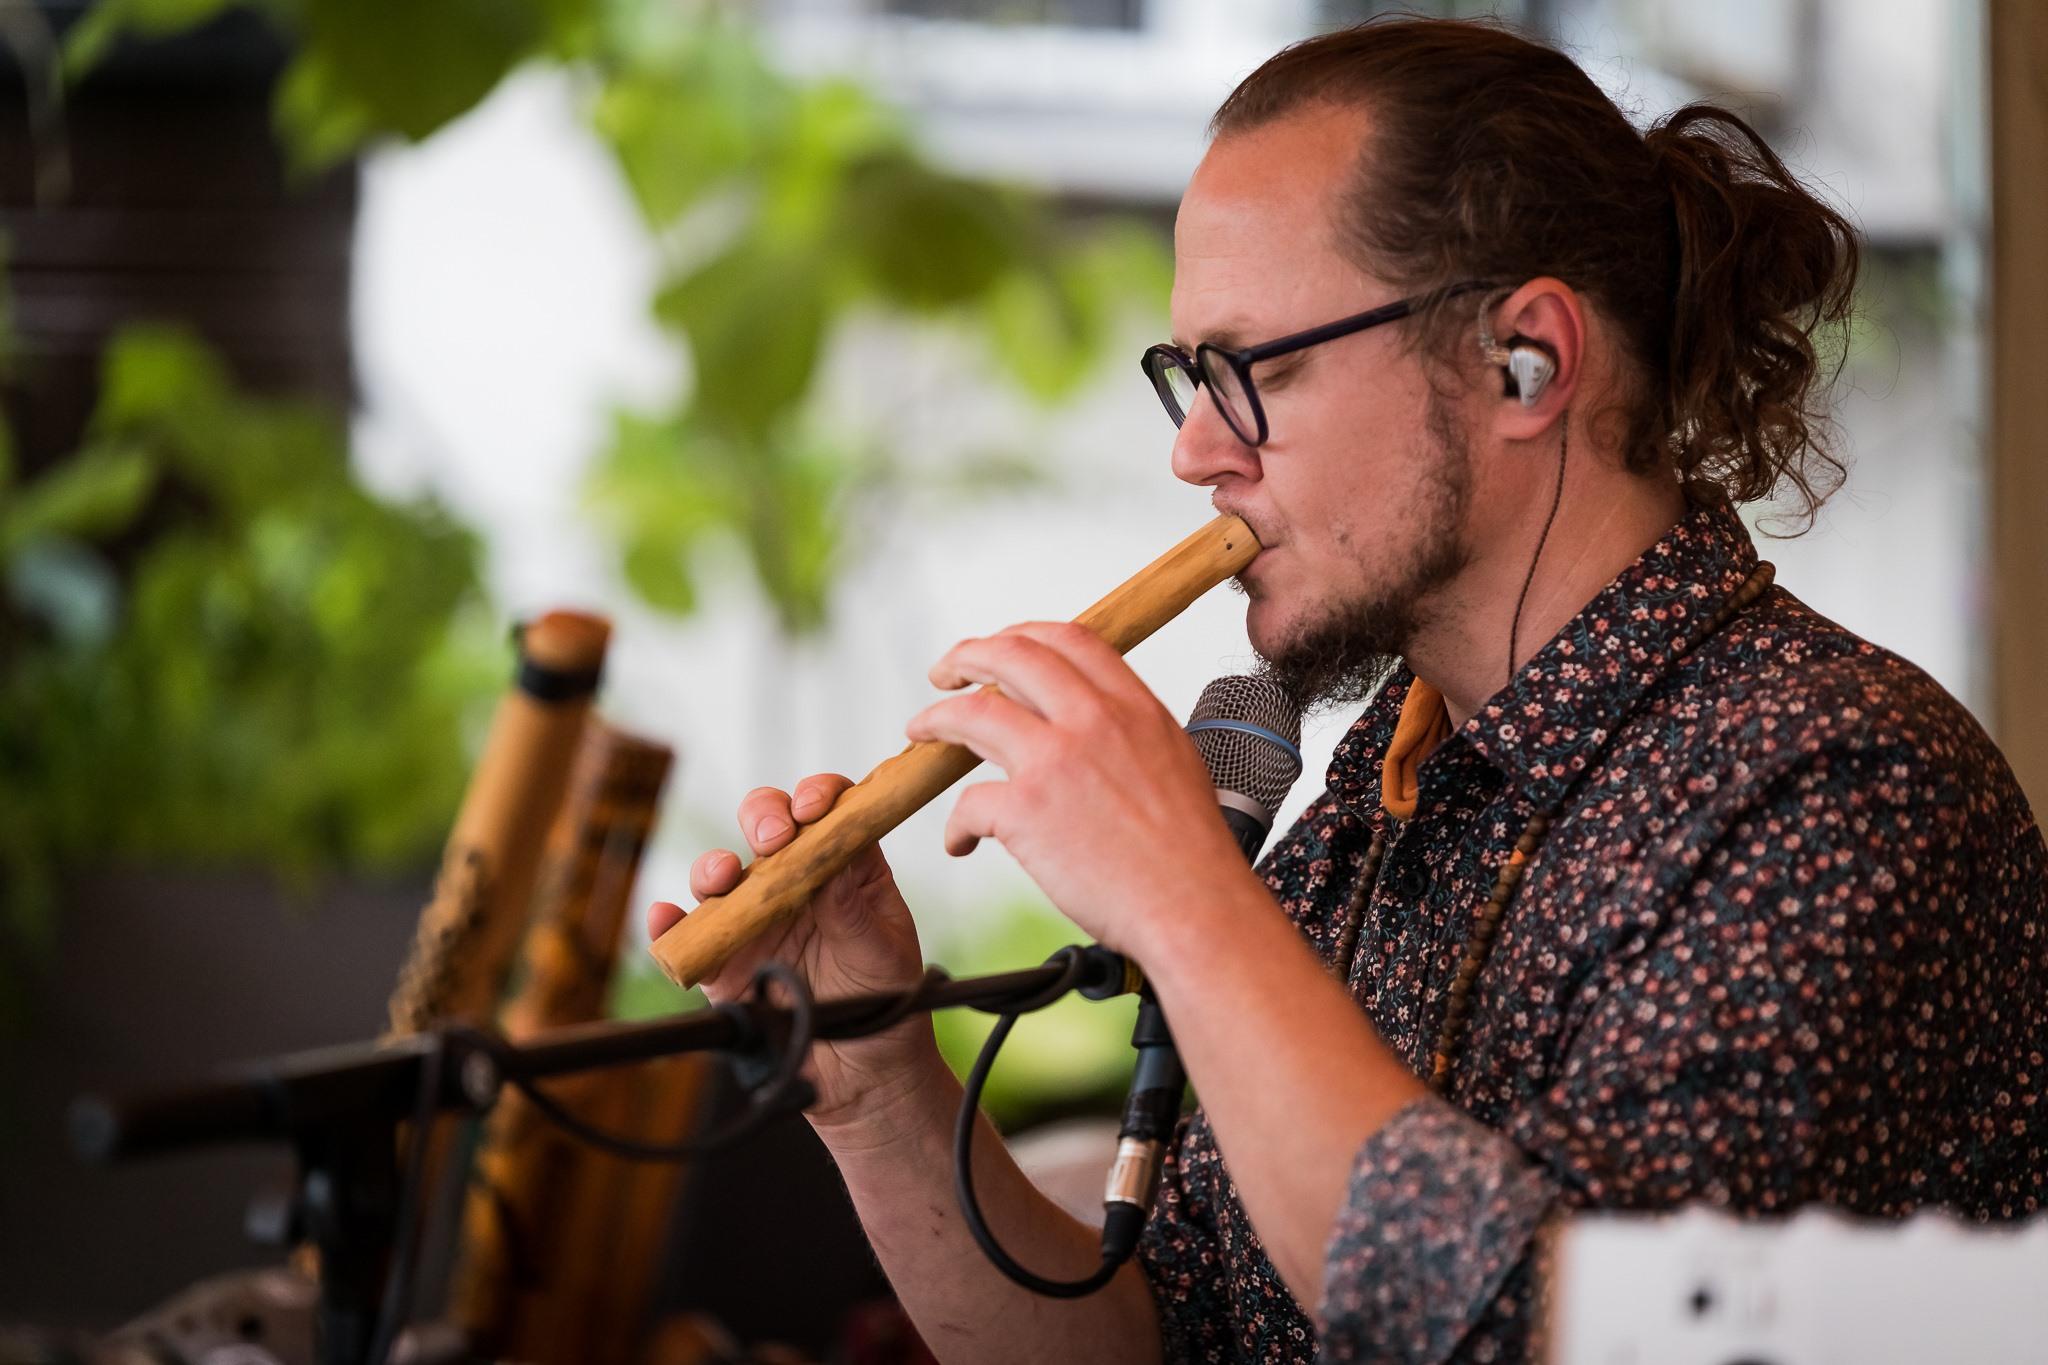 [Zdjęcie z warsztatu muzycznego T.Etno. Na zdjęciu Tomasz Drozdek gra na flecie. Przy twarzy artysta ma mikrofon umieszczony na statywie. Mężczyzna ma zamkniętę oczy. Widoczne na jego twarzy jest skupienie na grze na instrumencie.]